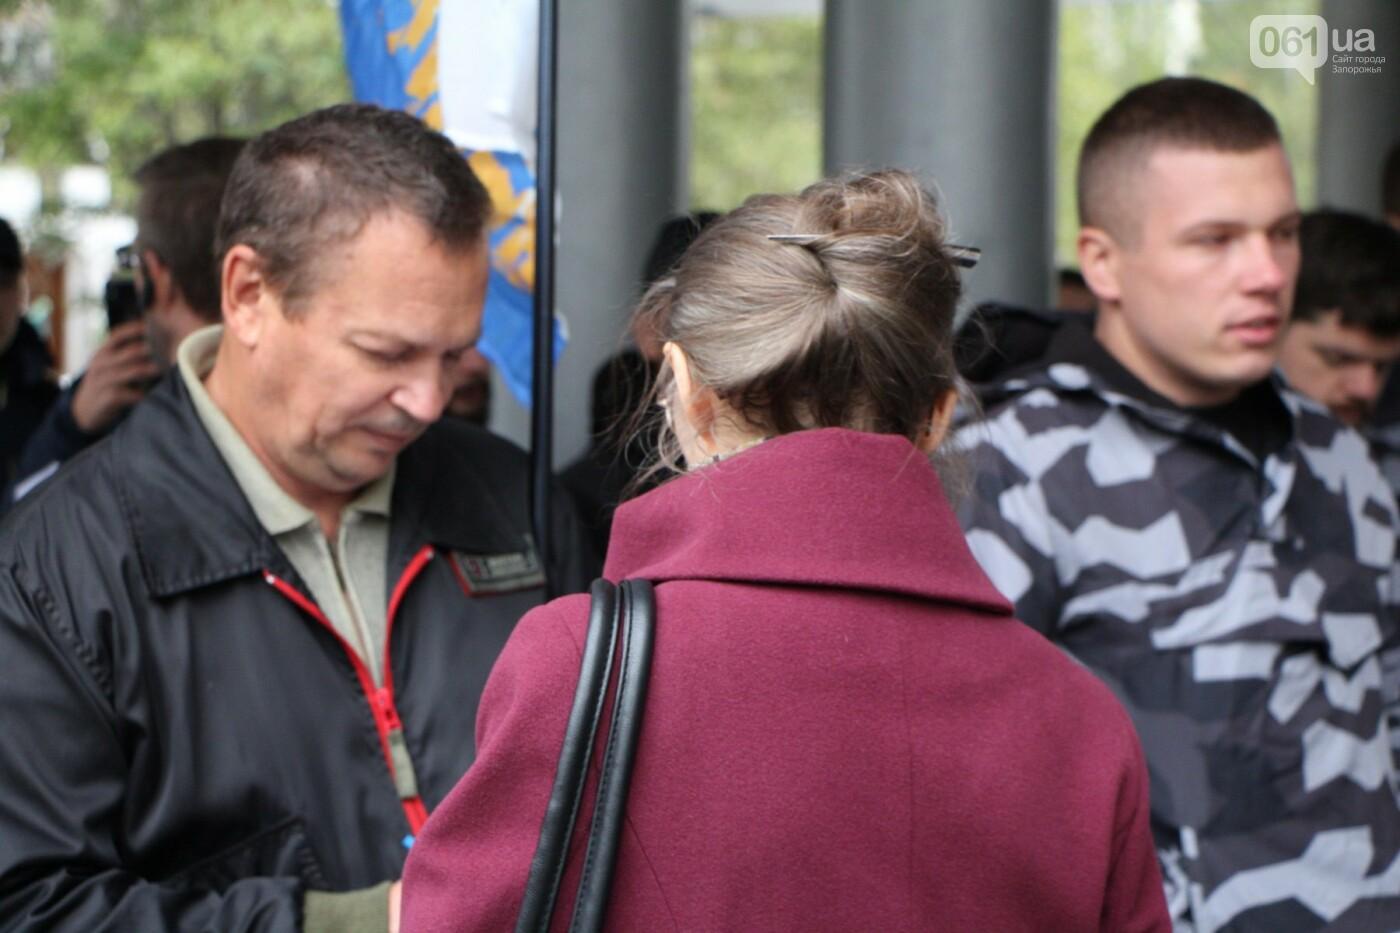 Активисты под прицелом: в Запорожье под зданием Нацполиции митинговали за расследование преступлений, - ФОТОРЕПОРТАЖ, фото-7